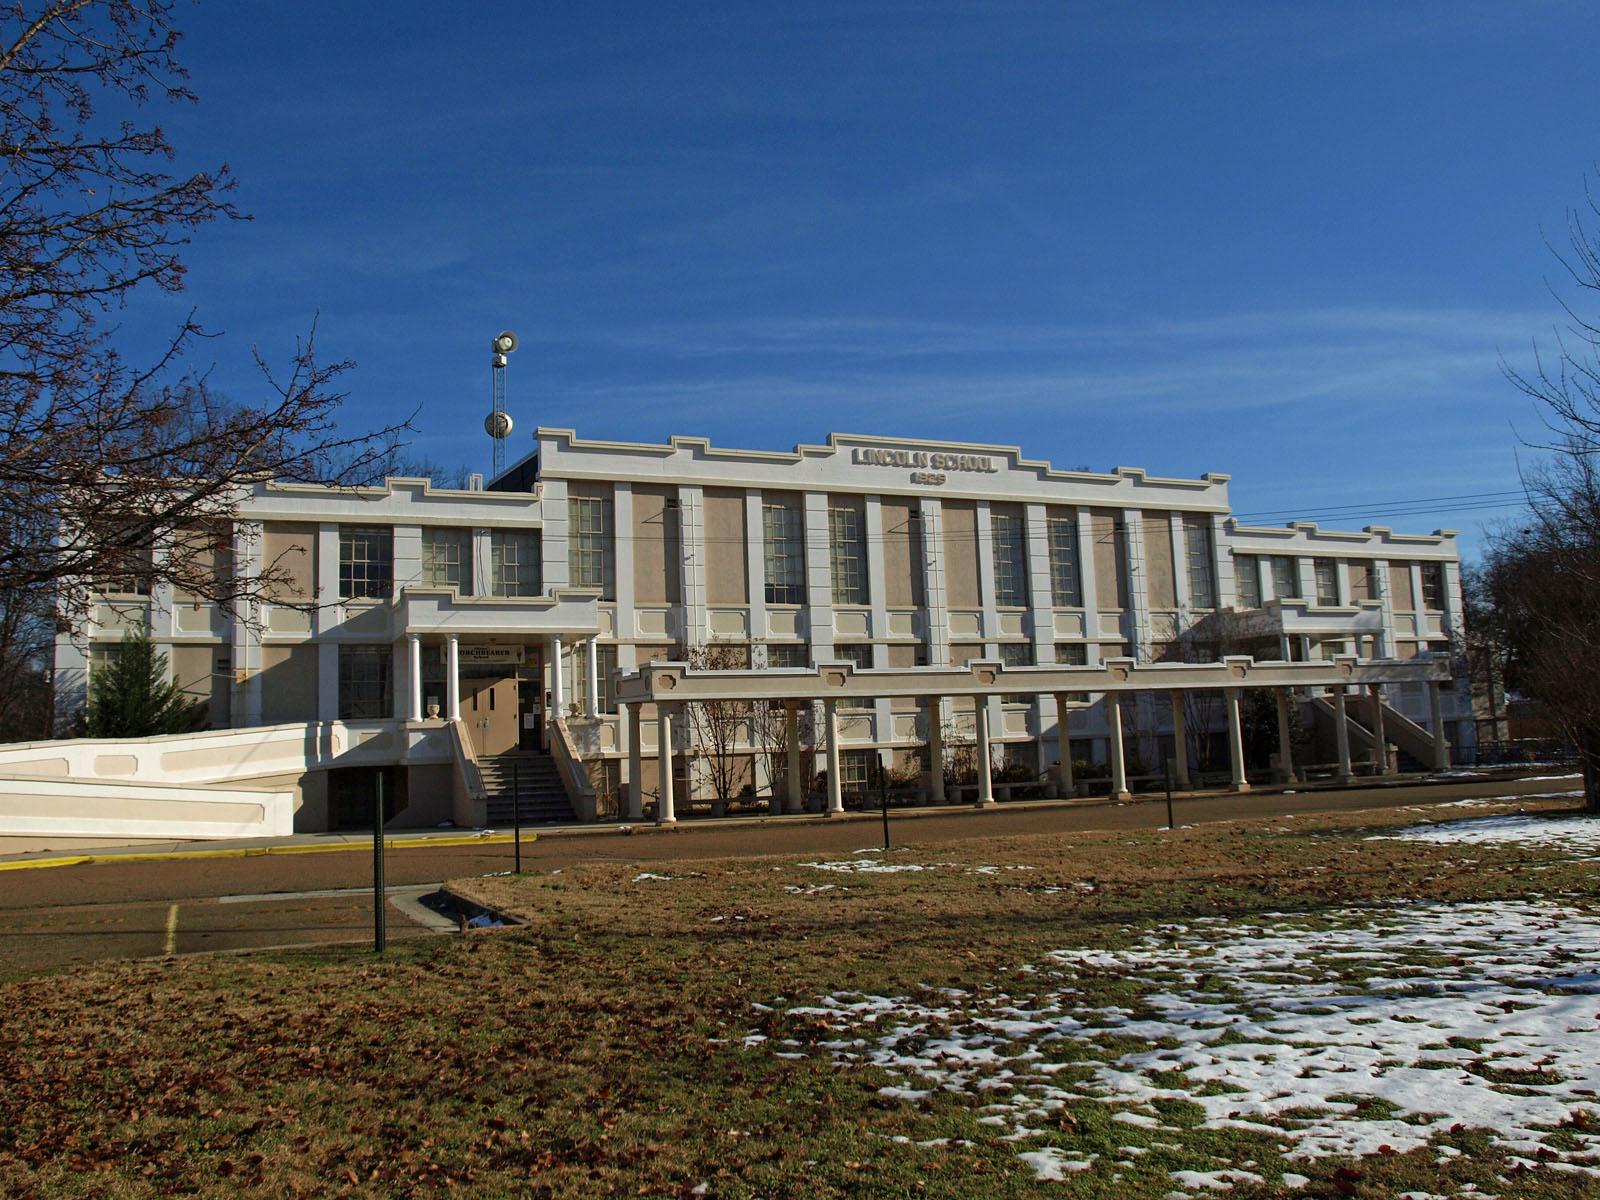 Lincoln Alabama City Schools